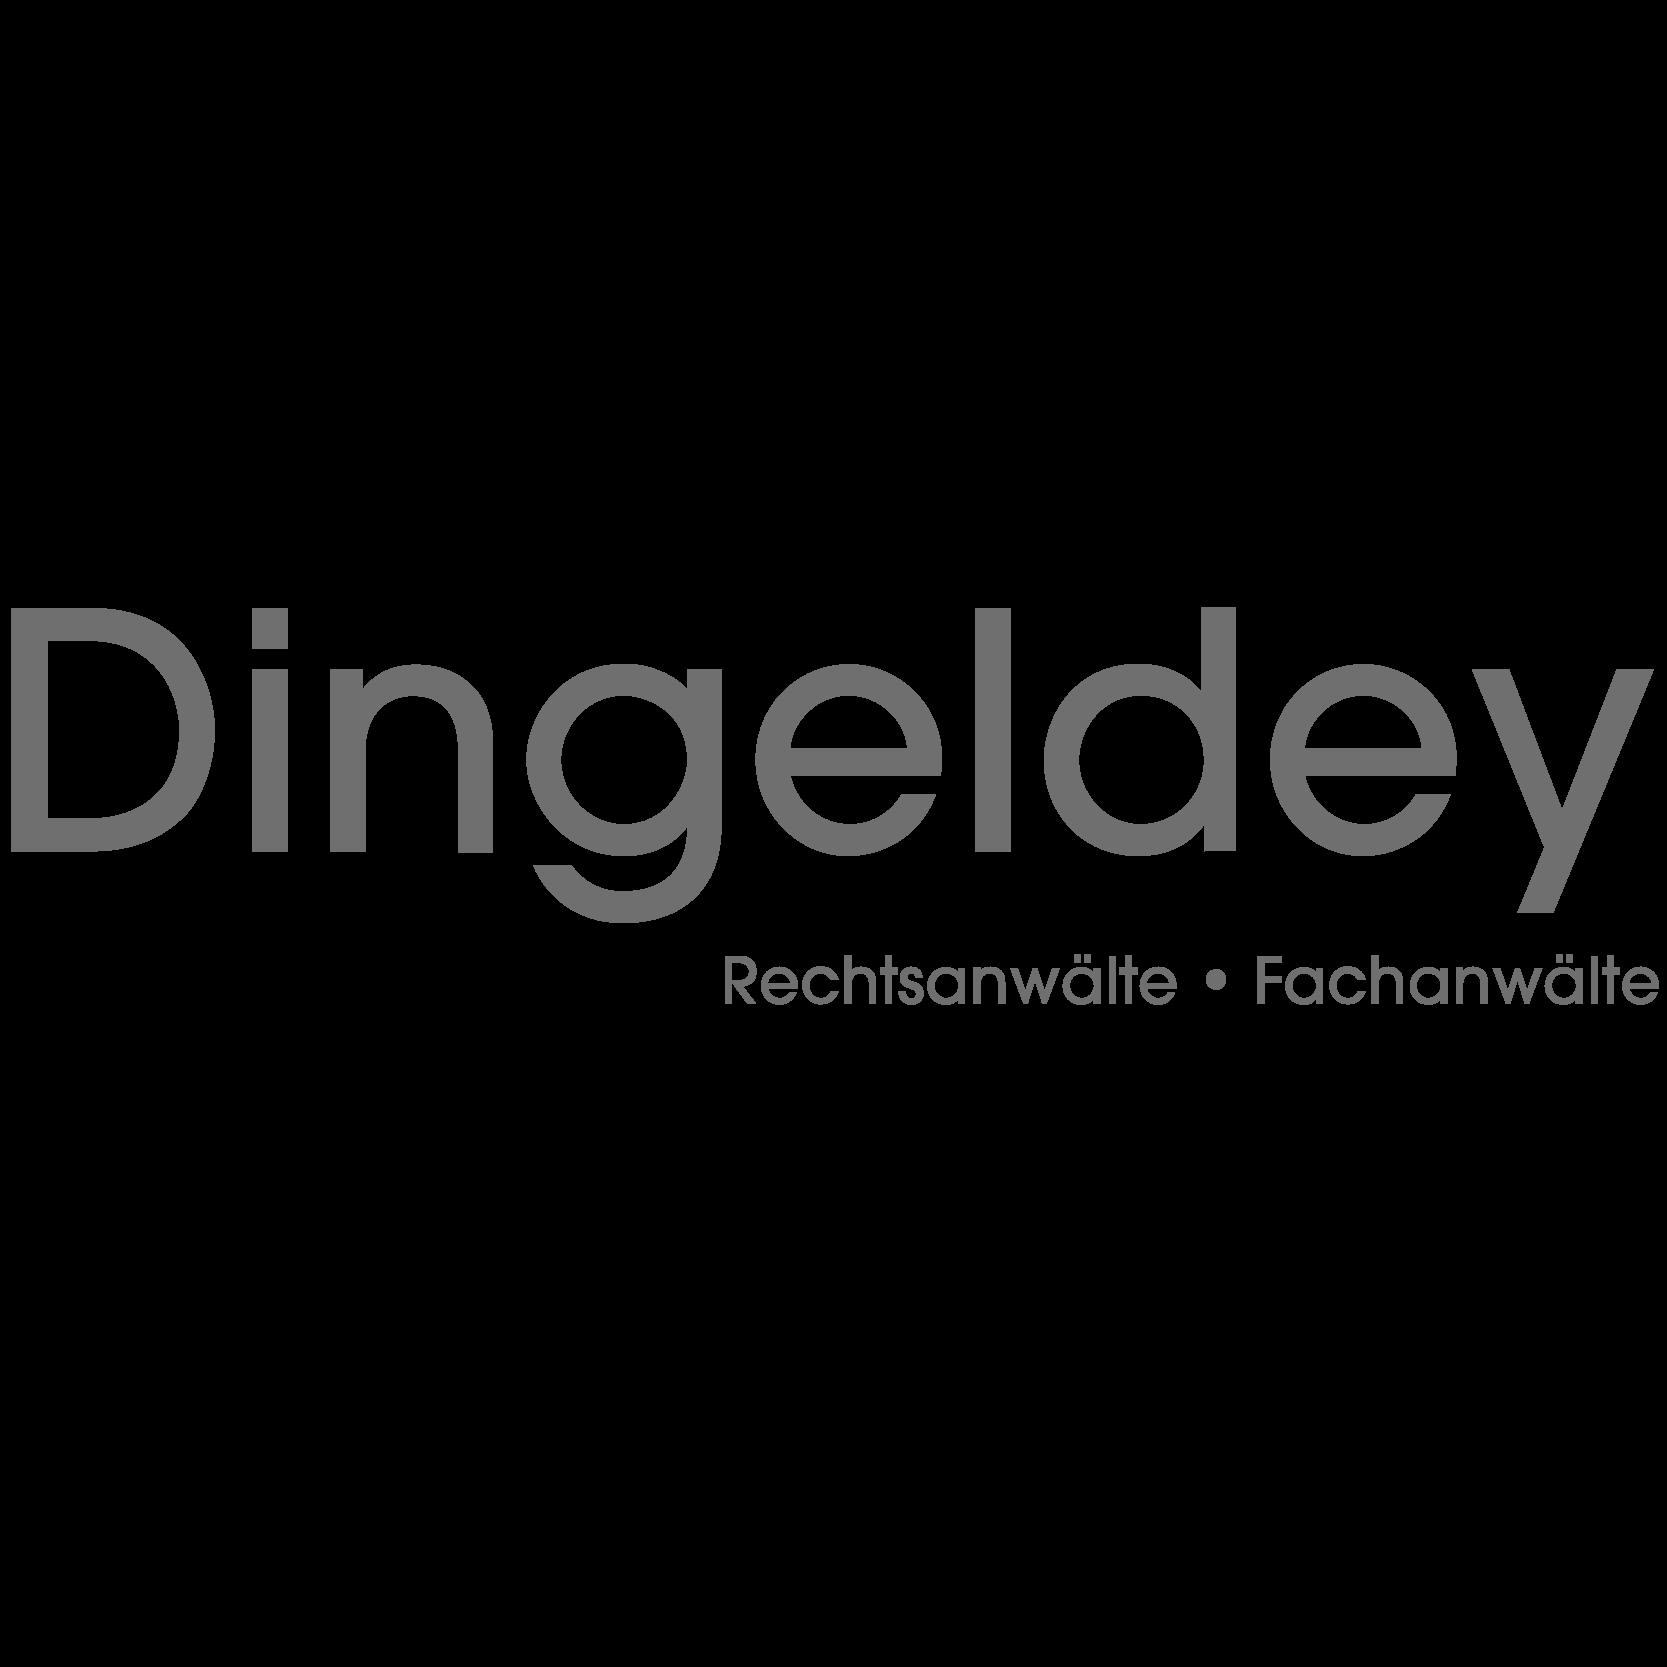 Dingeldey | Rechtsanwalt - Fachanwalt